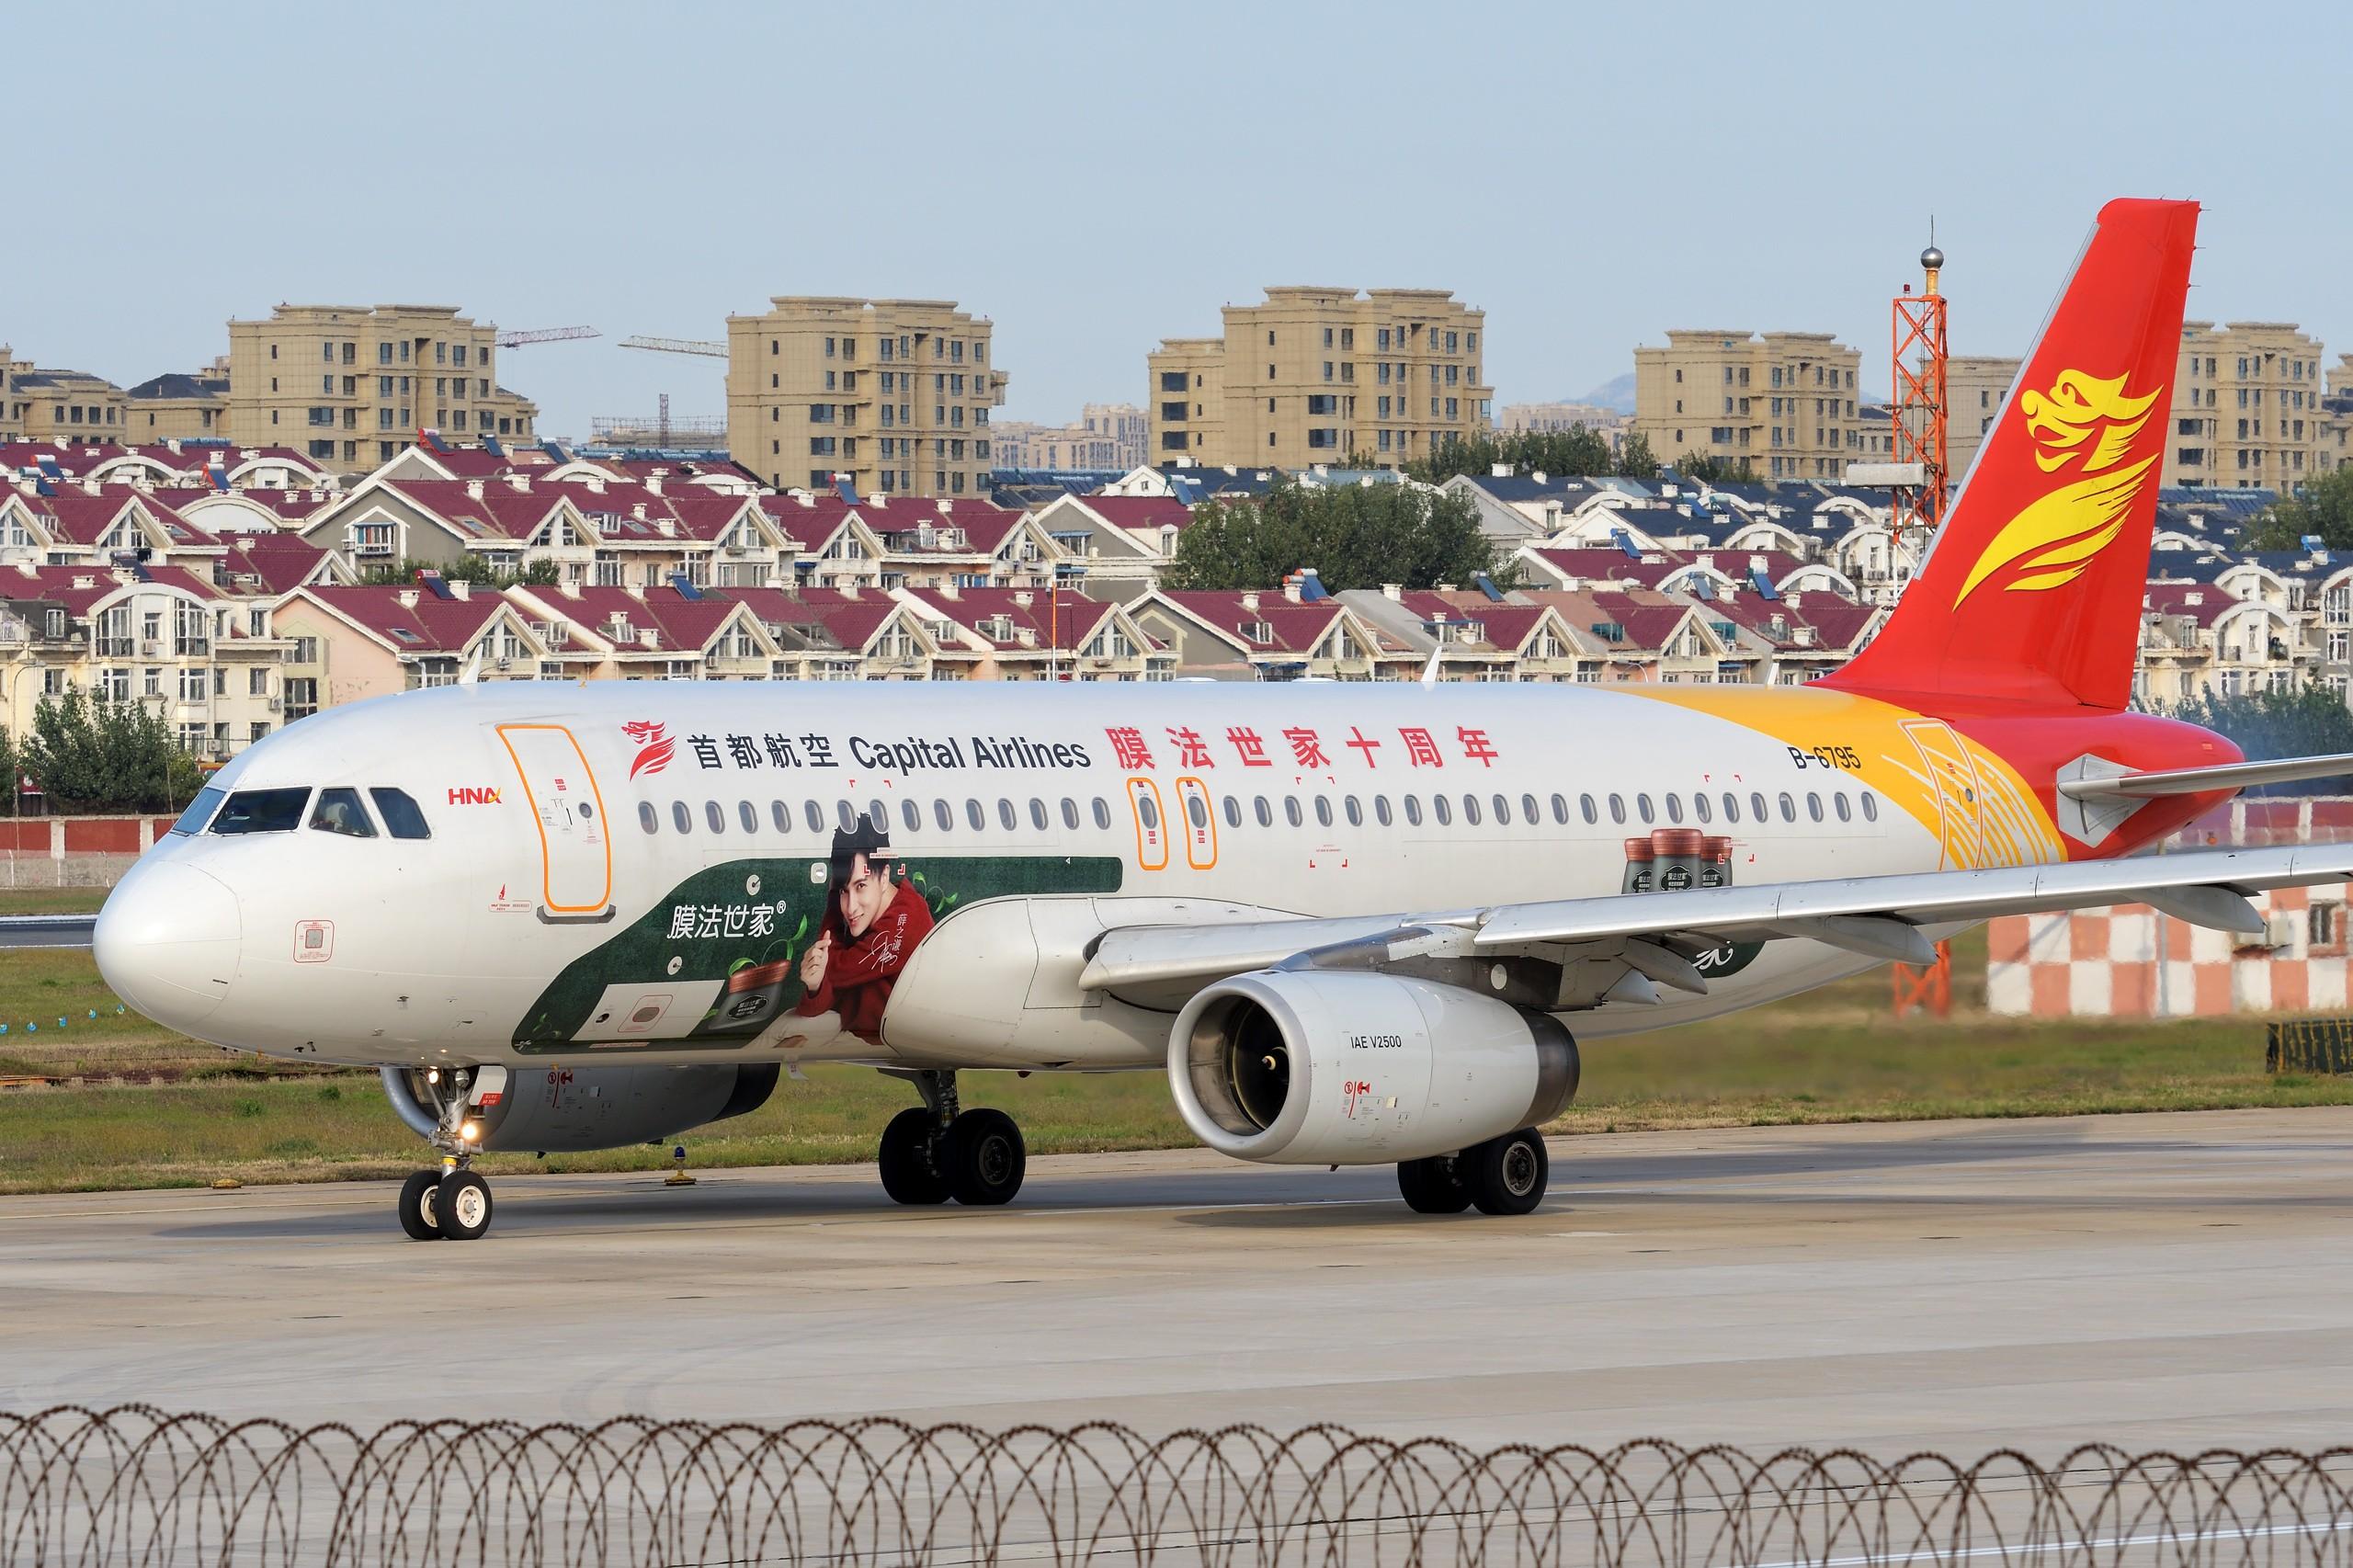 [原创]★[DLC]膜法世家2560pix壁纸-A网的评价是......★ AIRBUS A320-200 B-6795 中国大连国际机场